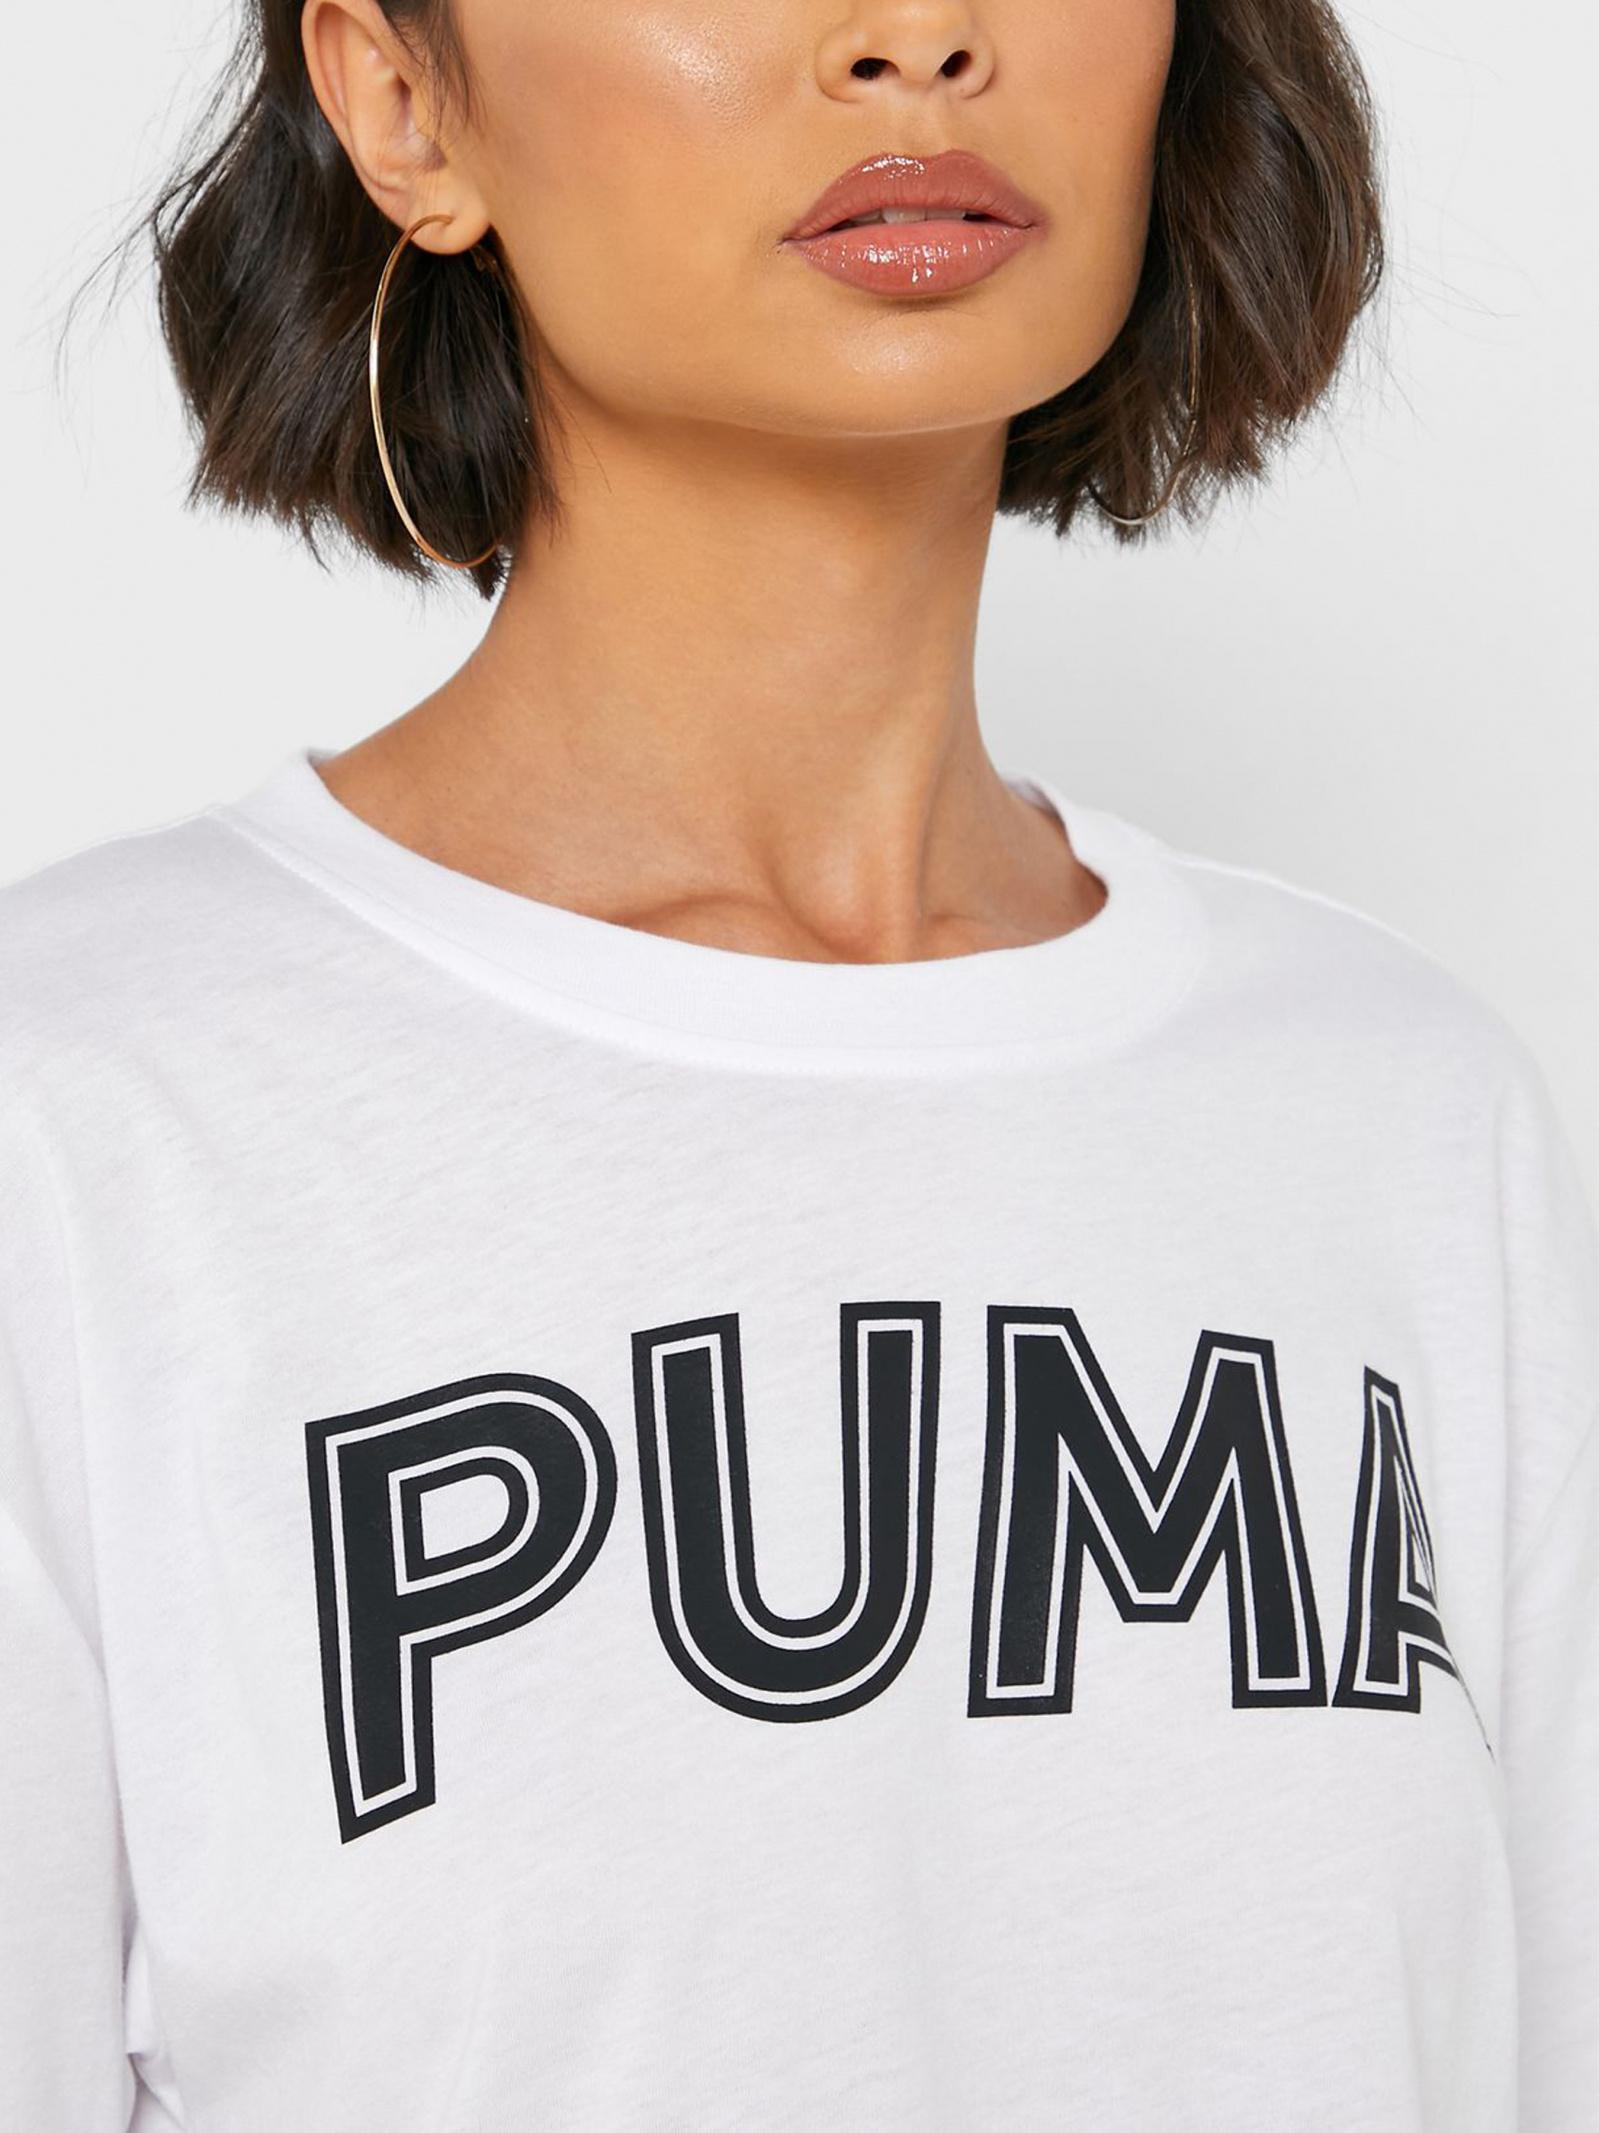 PUMA Футболка жіночі модель 58122902 купити, 2017